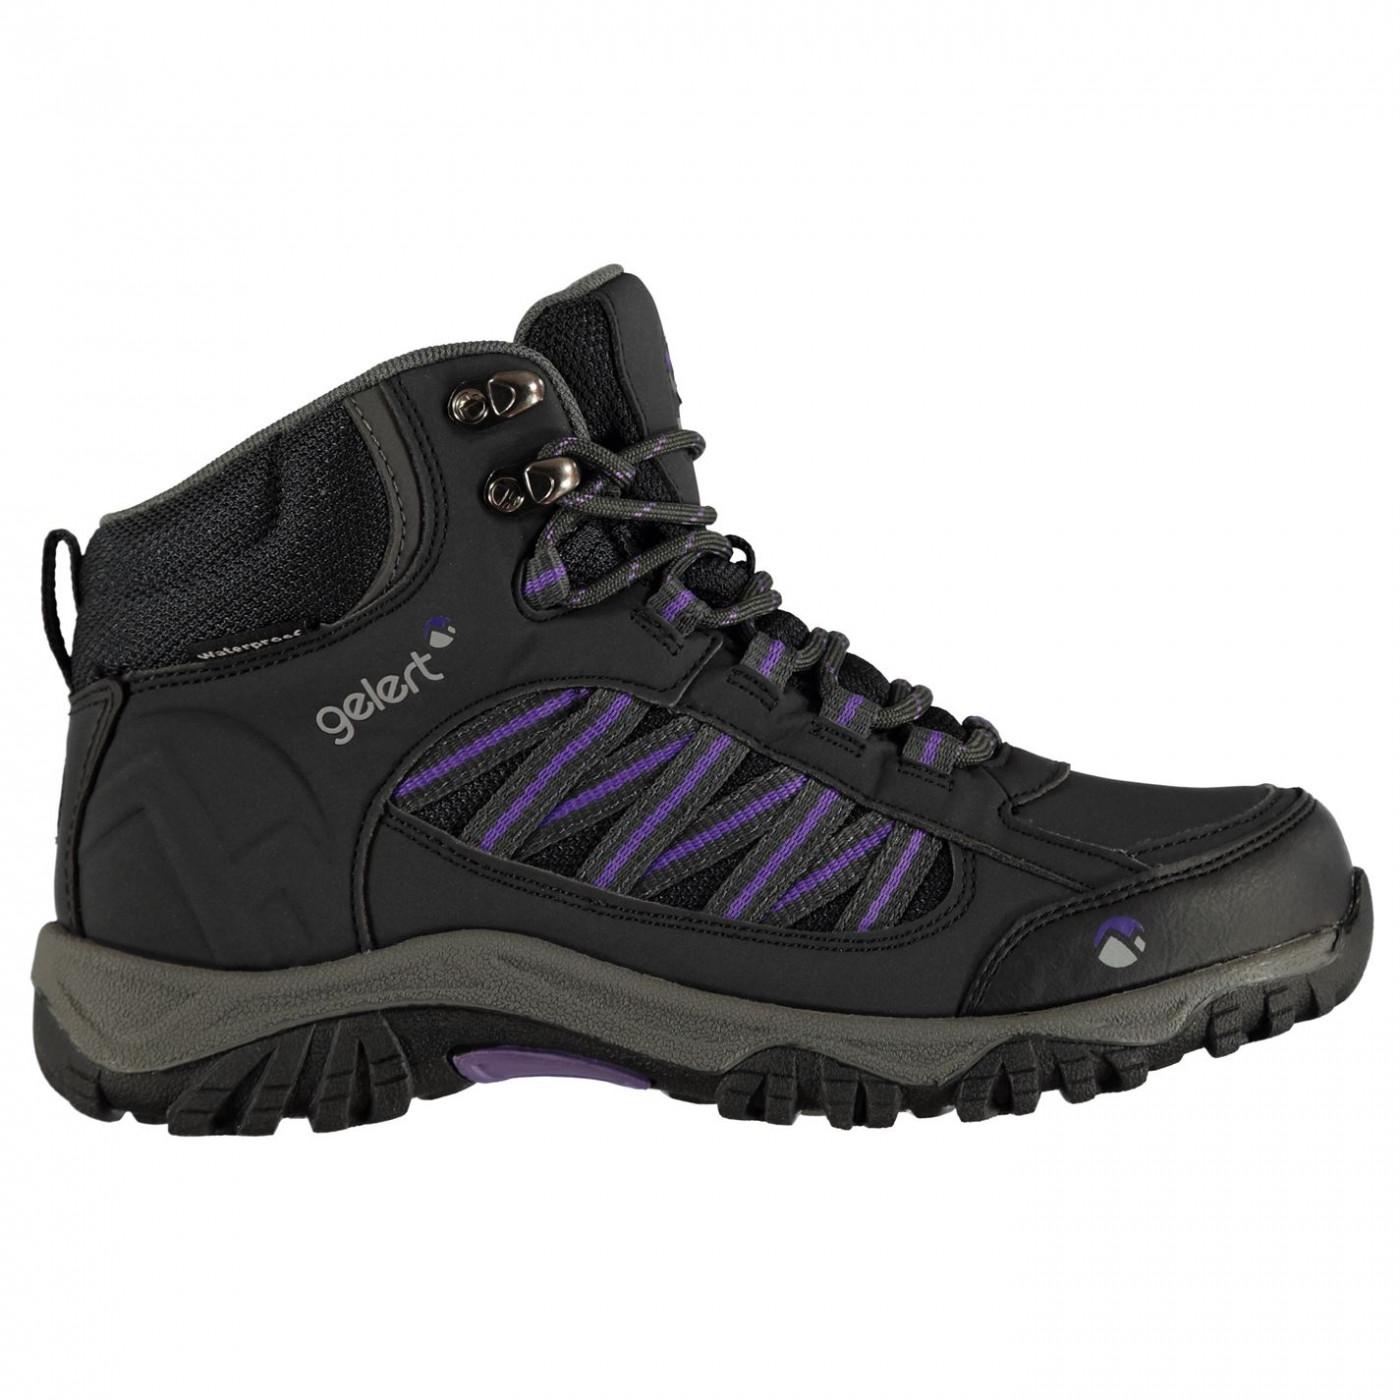 Women's walking shoes Gelert Horizon Mid Waterproof